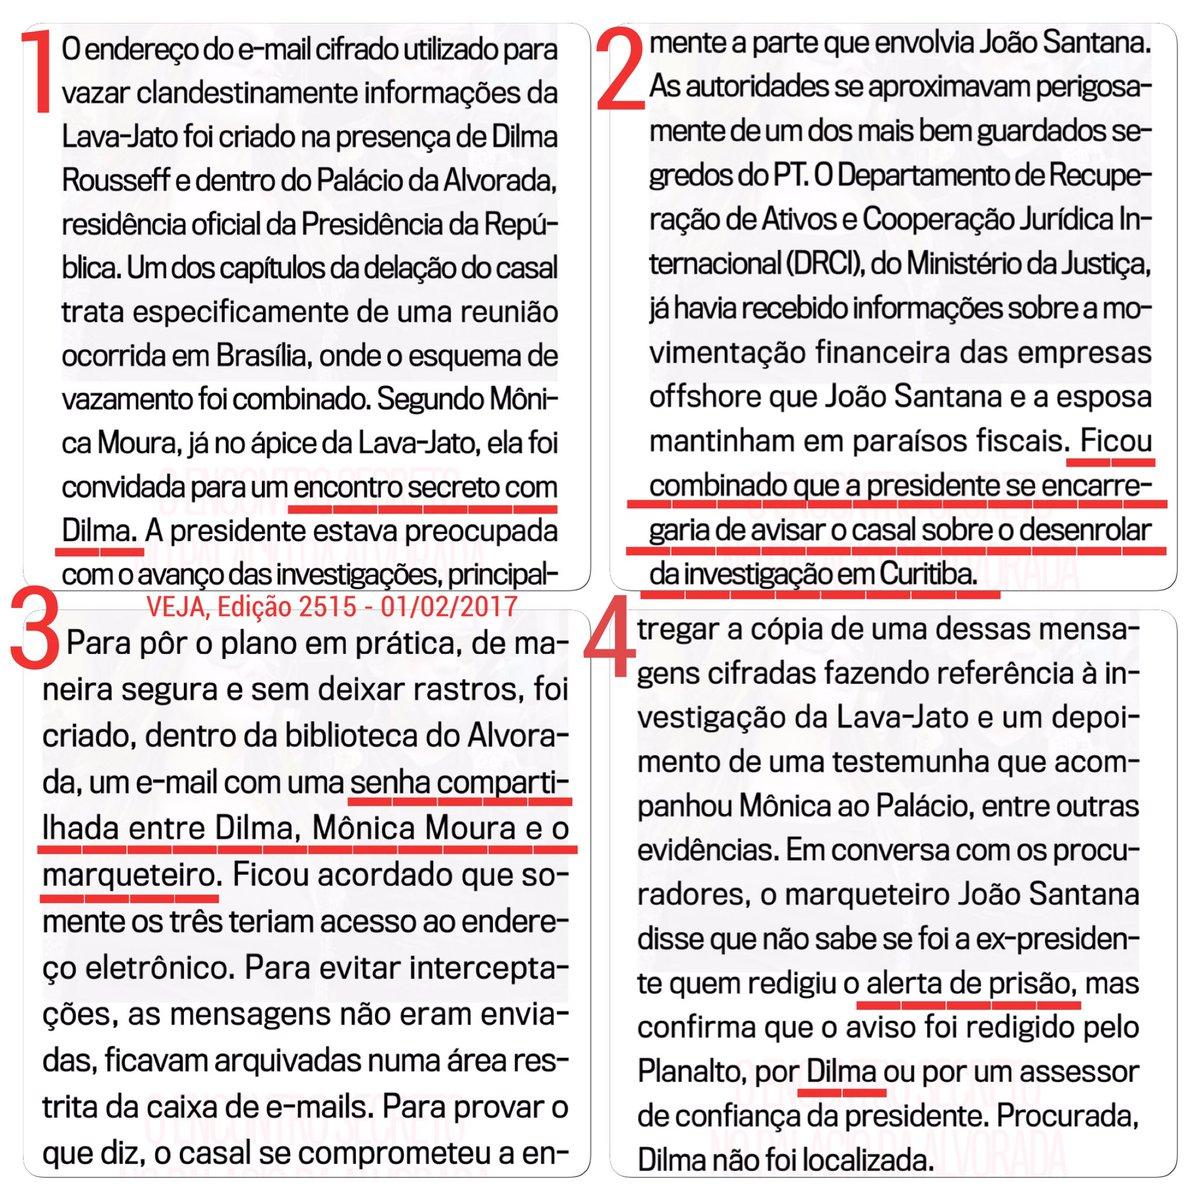 #DilmaGolpista não só tentou obstruir Justiça nomeando Lula; mas também alertando João Santana sobre investigações e prisão, segundo ele.